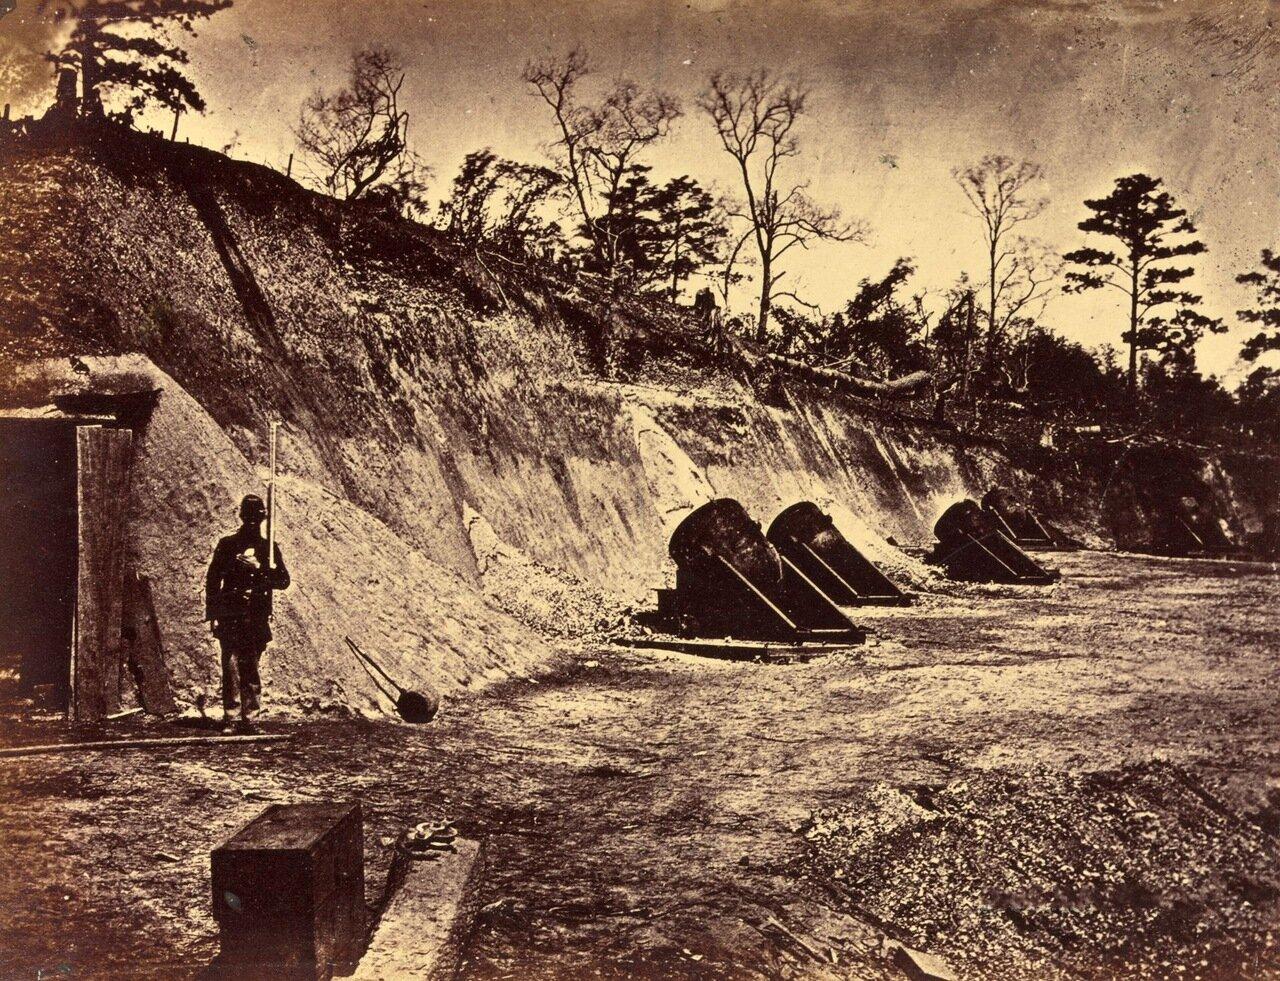 Минометная батарея № 4, возле Йорктауна, штат Вирджиния. Май 1862 г.